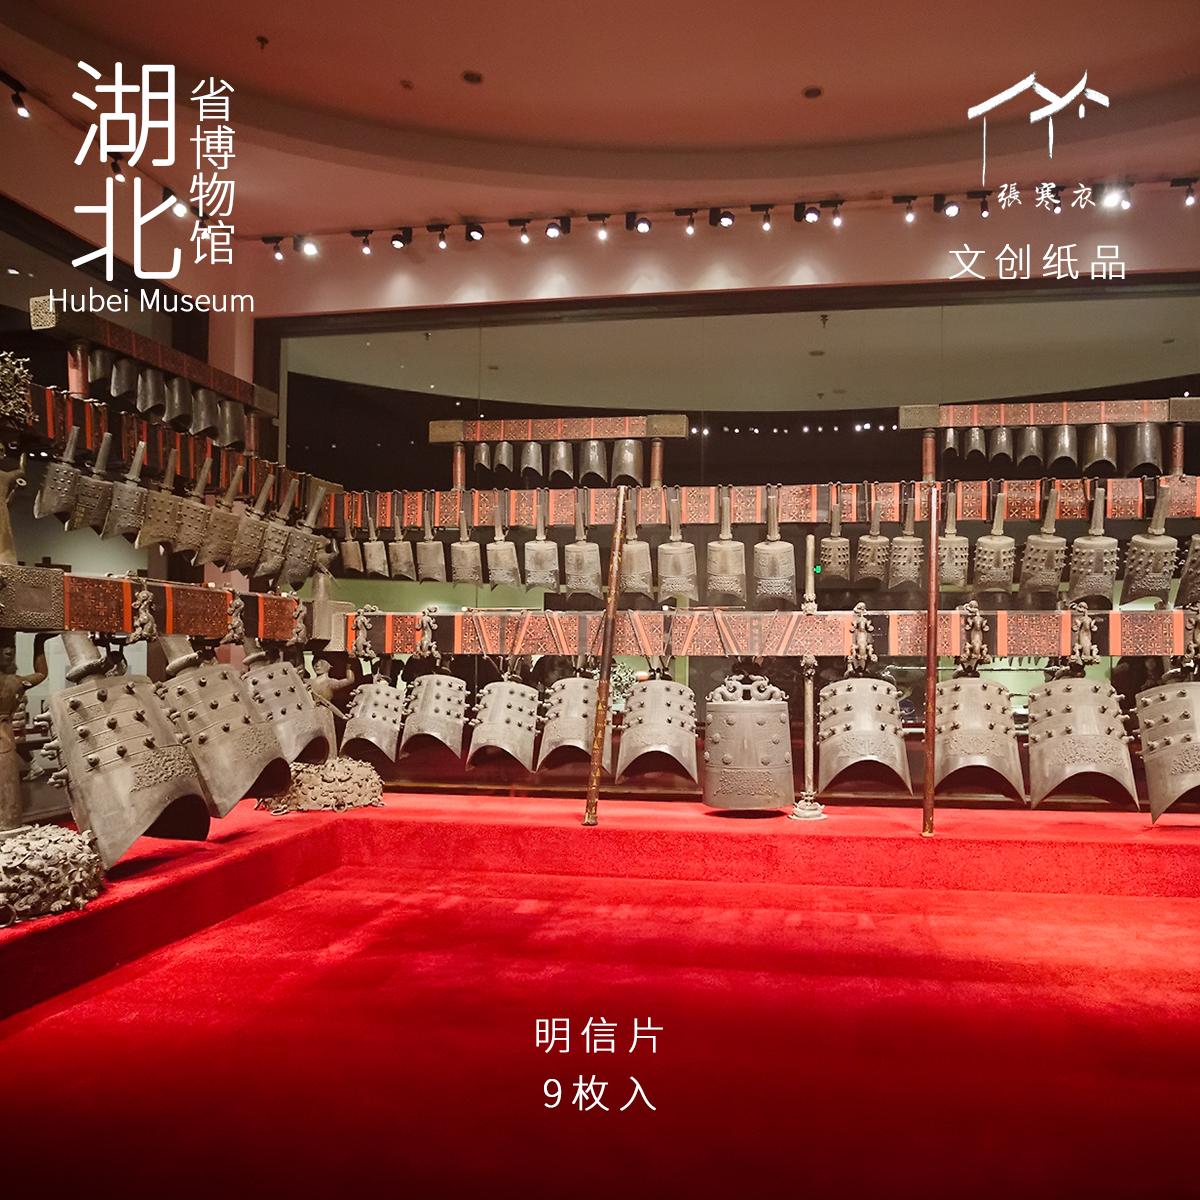 【湖北省博物馆】小众文创纸品张寒衣摄影旅游武汉特色纪念礼品